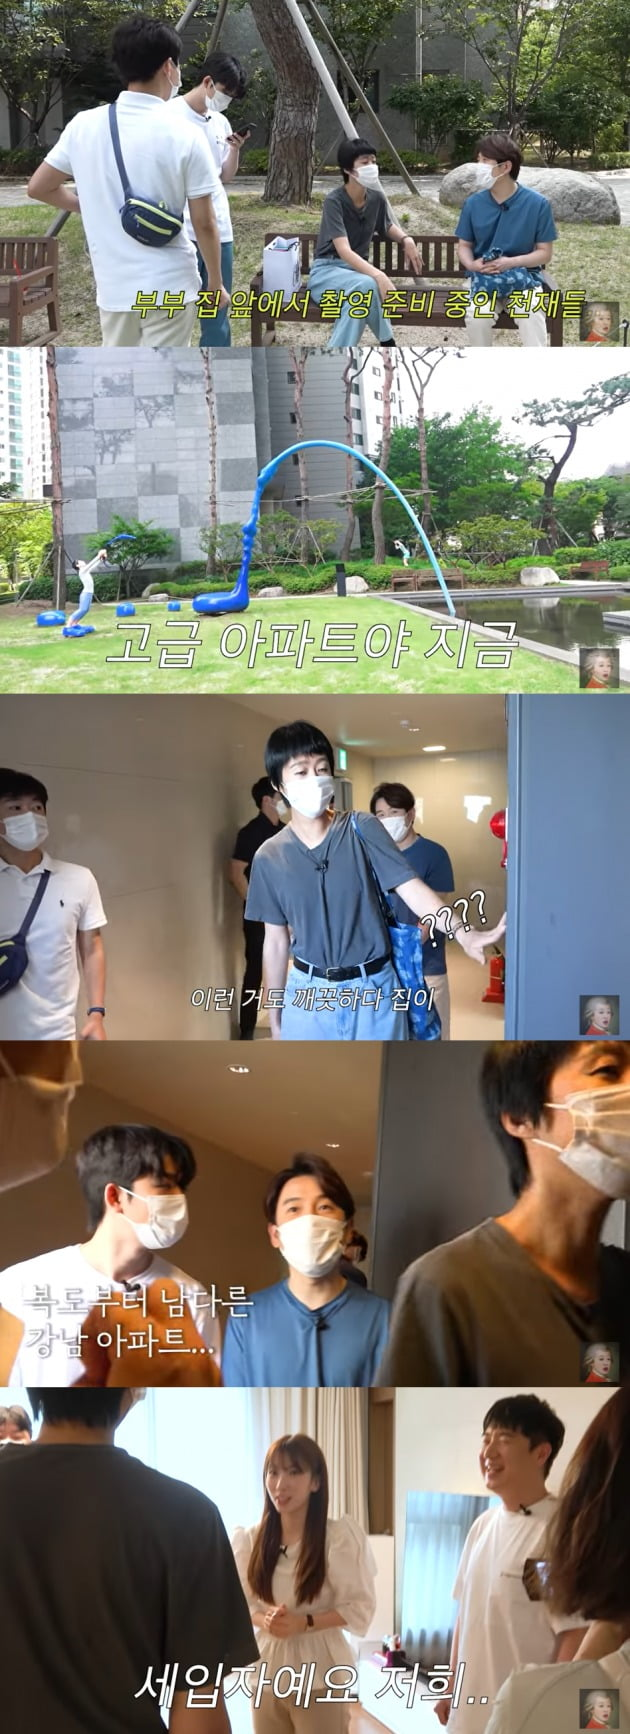 사진=유튜브 채널 '공부왕찐천재 홍진경' 영상 캡처.